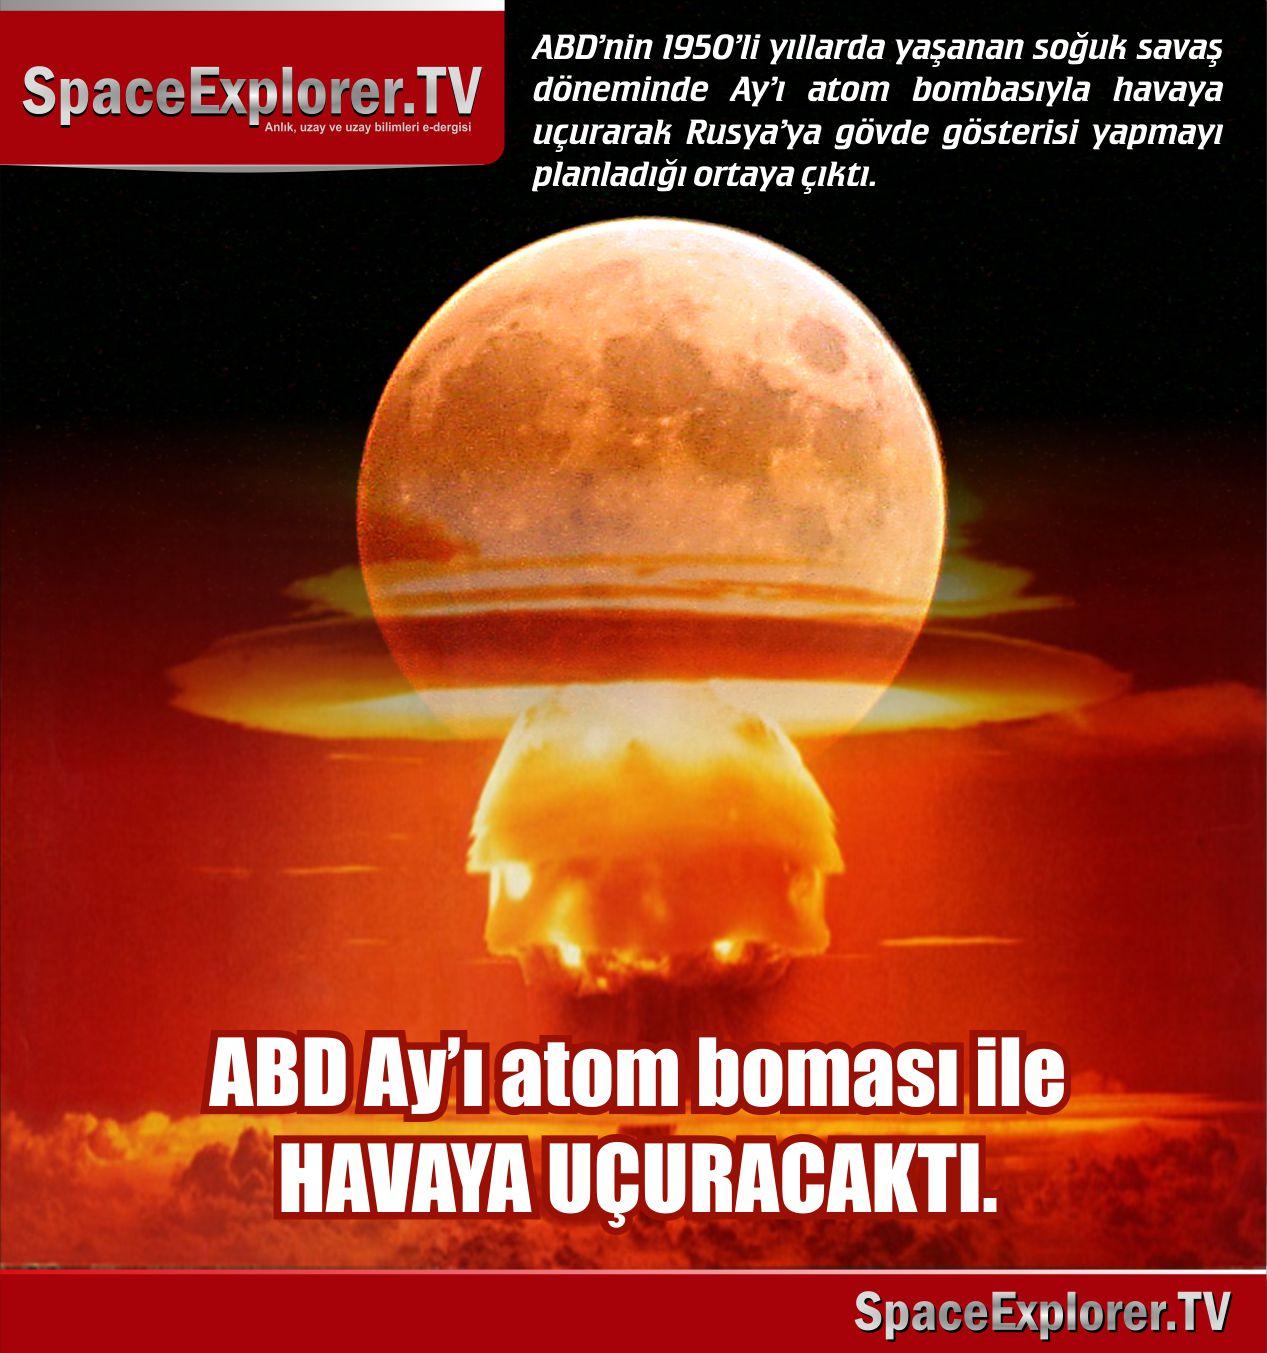 Carl Sagan, Ay, Uzayda hayat var mı?, ABD, Sovyet uzay araştırmaları, Apollo görevleri, Apollo 18, Nükleer silahlar, Ay'da bulunan uzaylı mumyası, Geçmiş teknoloji devirleri,